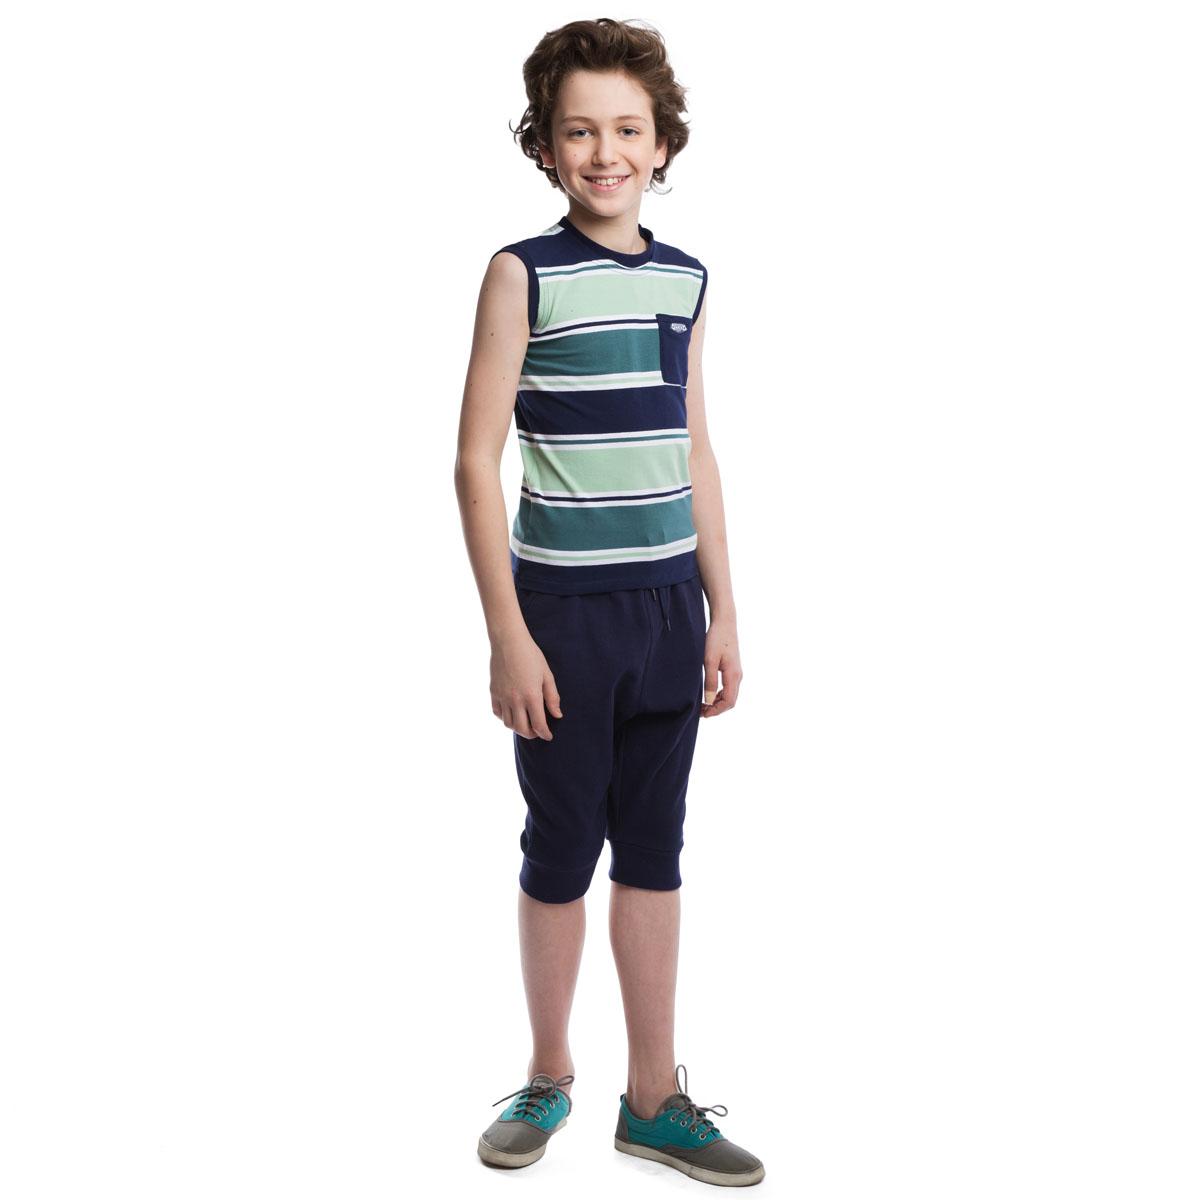 Майка263015Стильная полосатая майка для мальчика подойдет как для занятий спортом, так и для повседневной носки. Круглый вырез горловины и проймы дополнены эластичной бейкой, создающей эффект многослойности. На груди расположен кармашек с аппликацией.